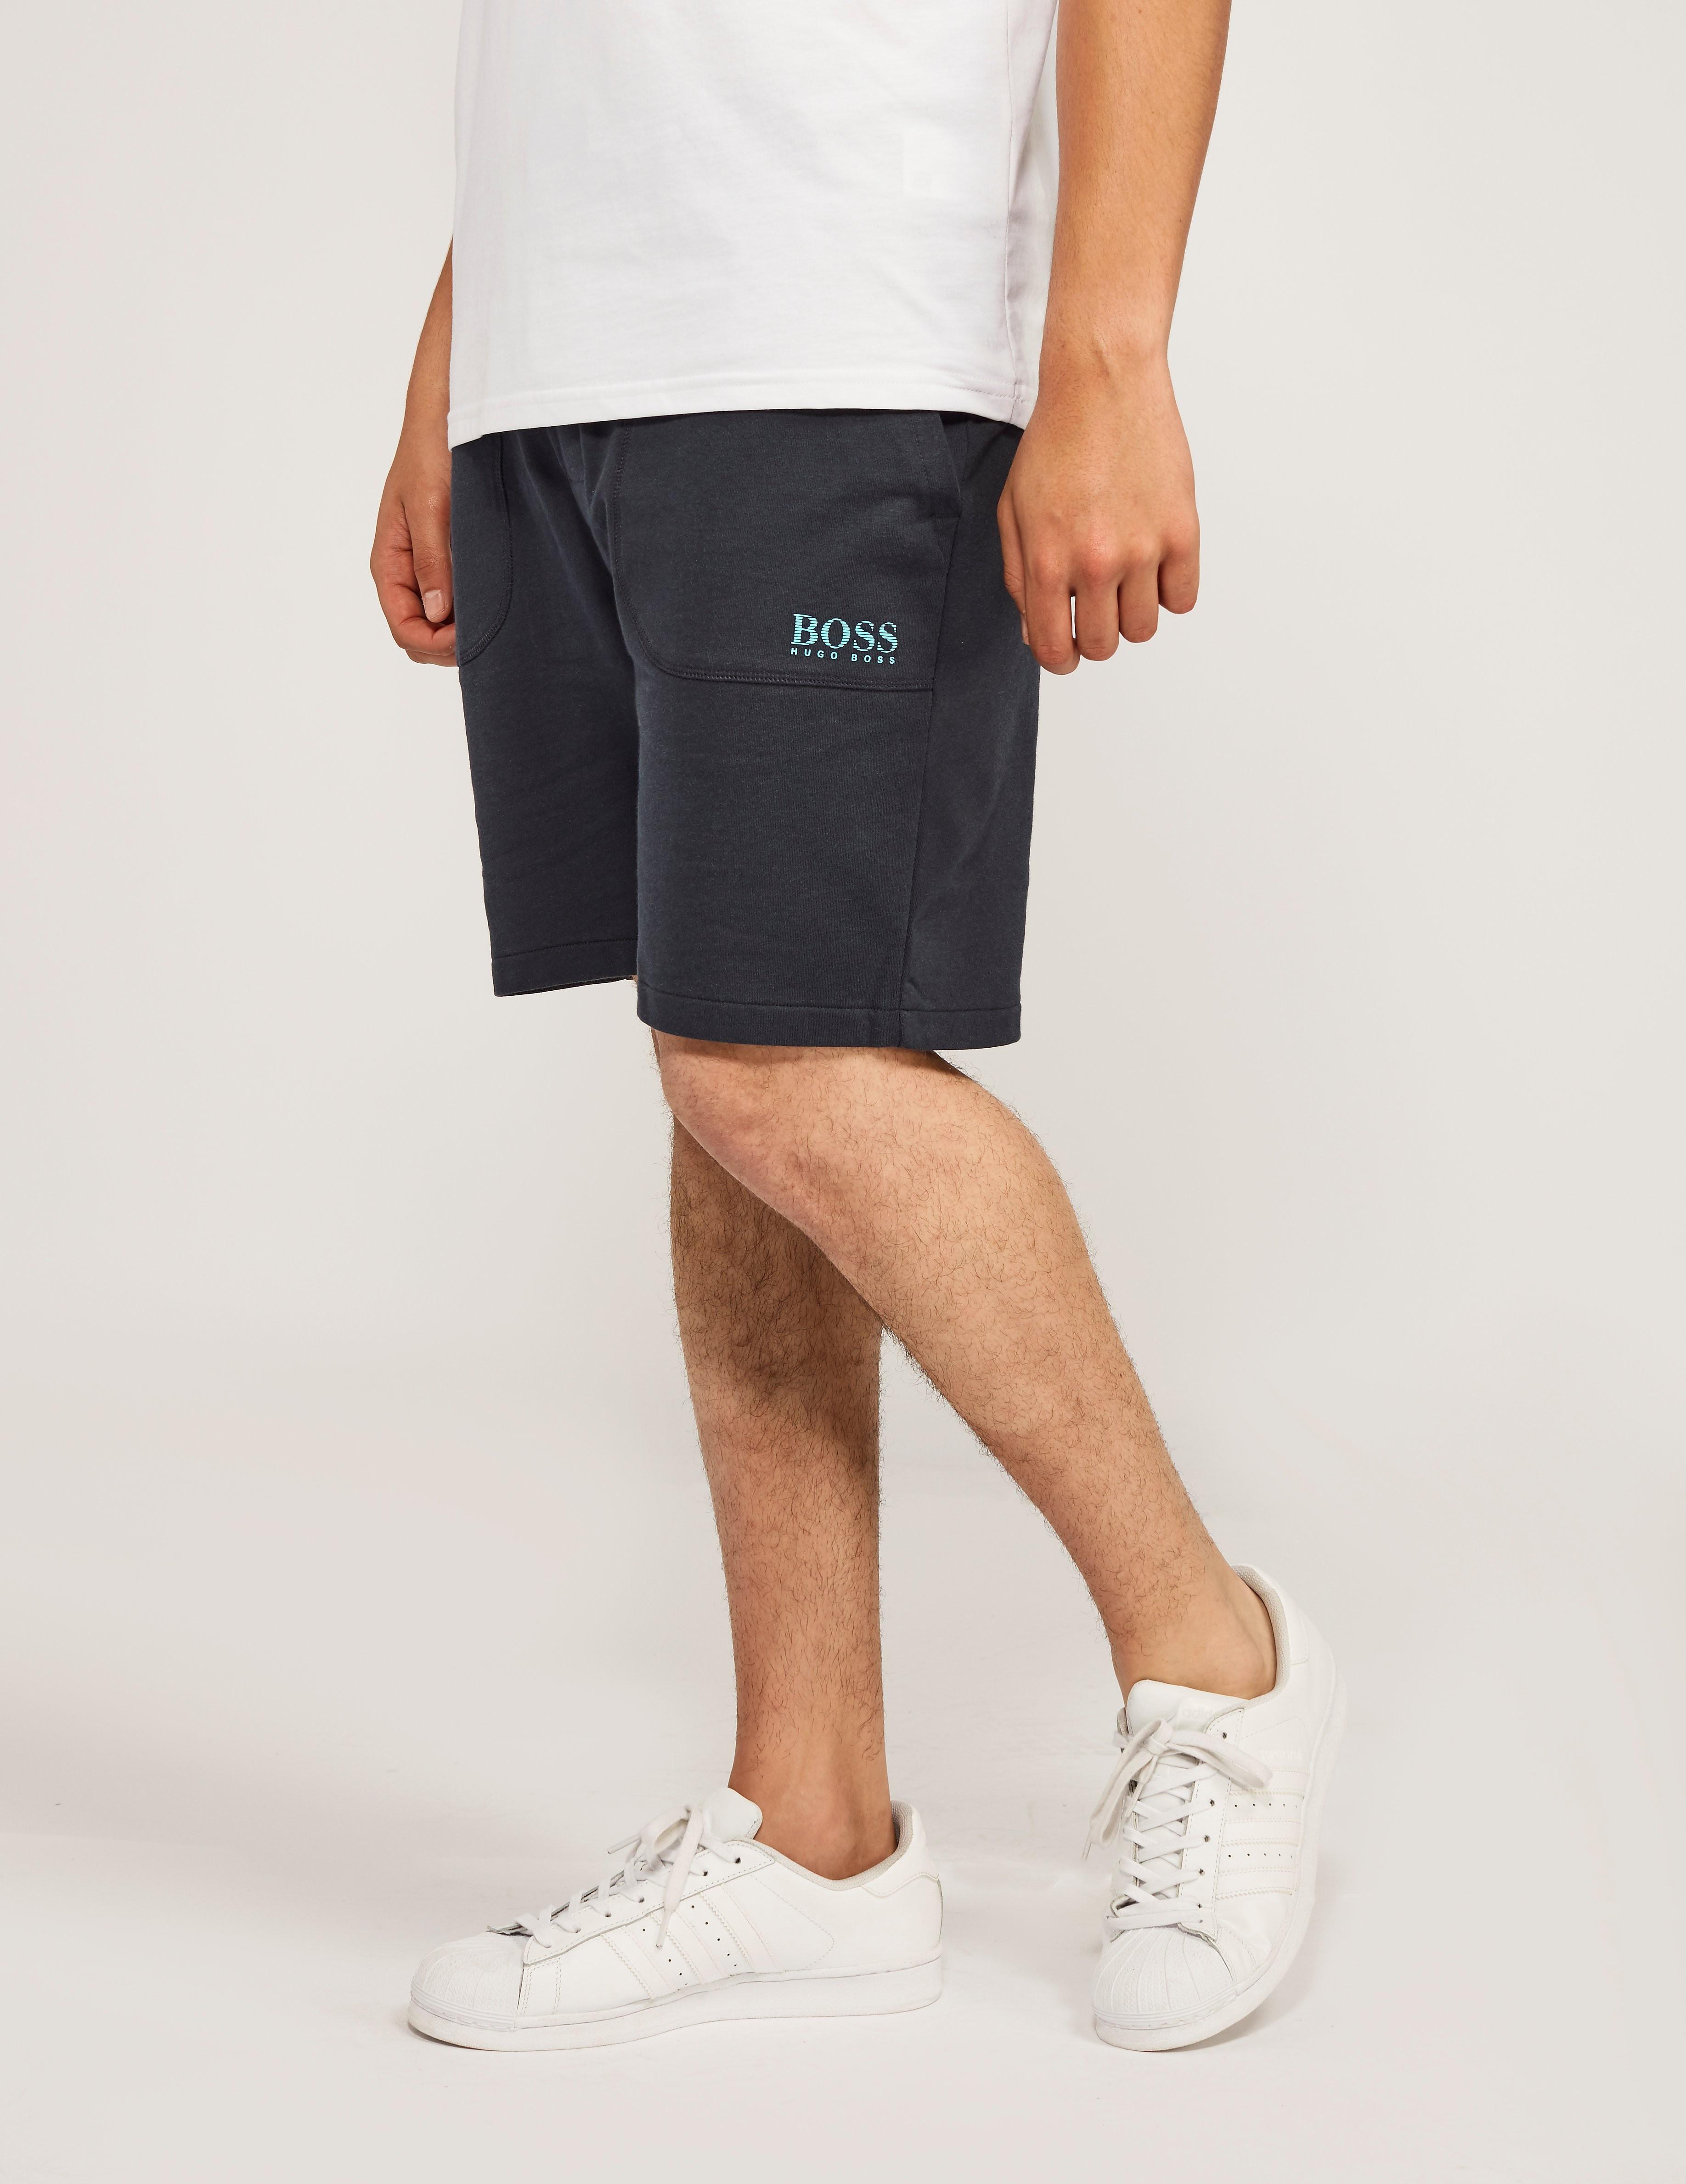 BOSS Auth Short Pant